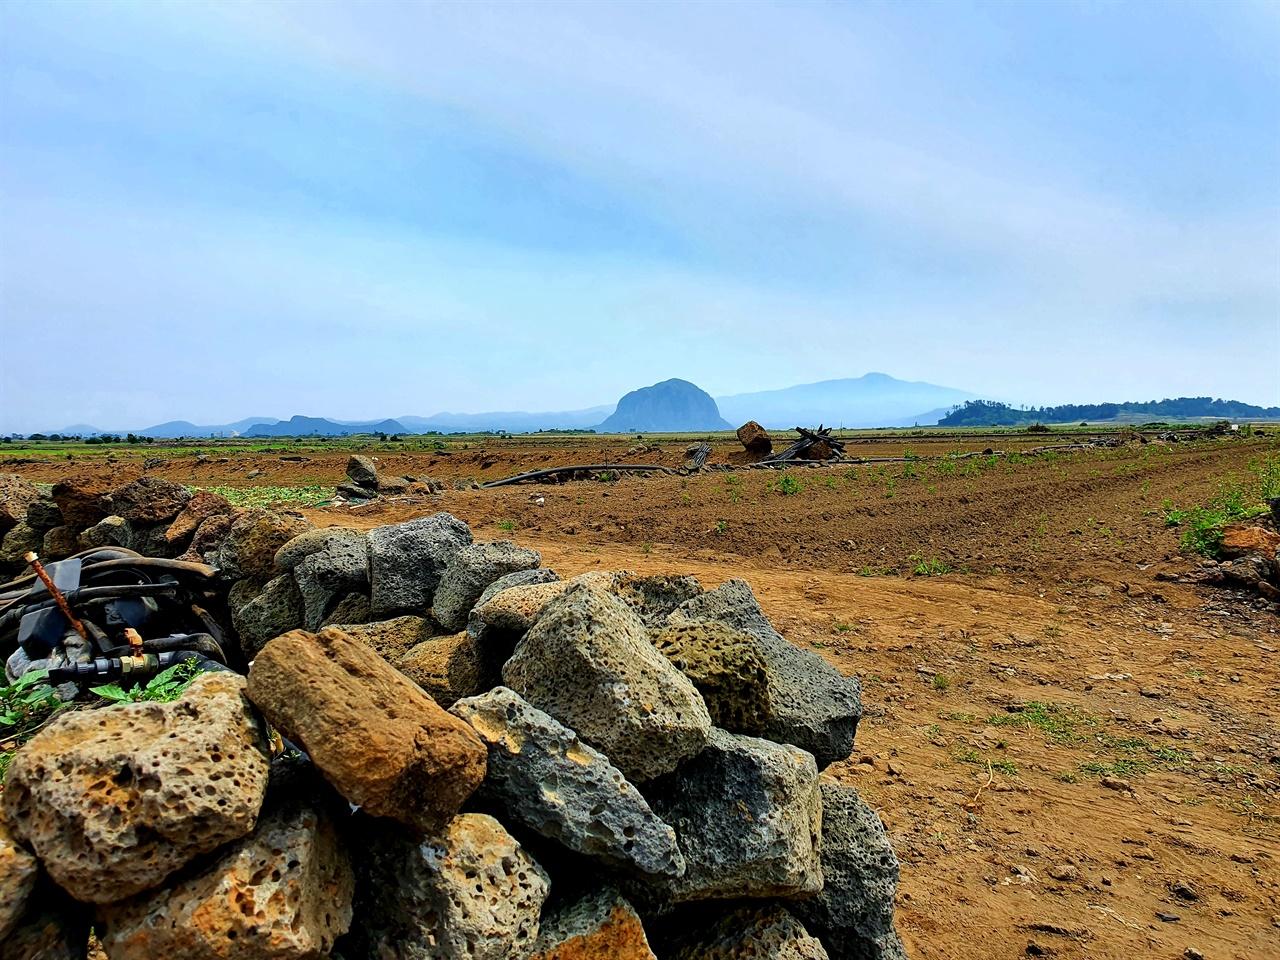 돌담과 산방산 제주 화산암은 제주 사람들과 함께 살아온 공동운명체다.